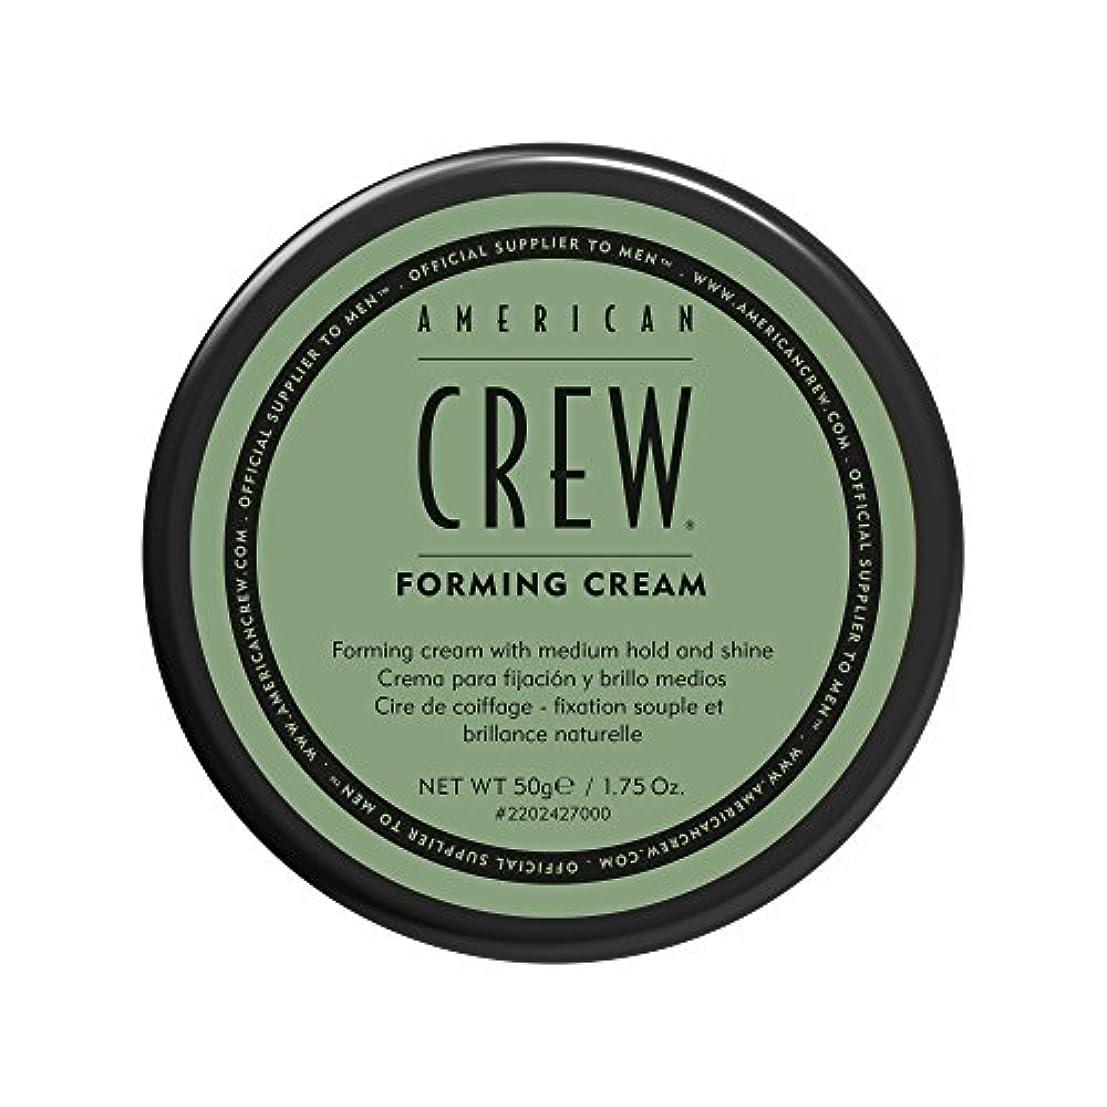 軽蔑する溢れんばかりの大きさby American Crew FORMING CREAM 1.75 OZ by AMERICAN CREW